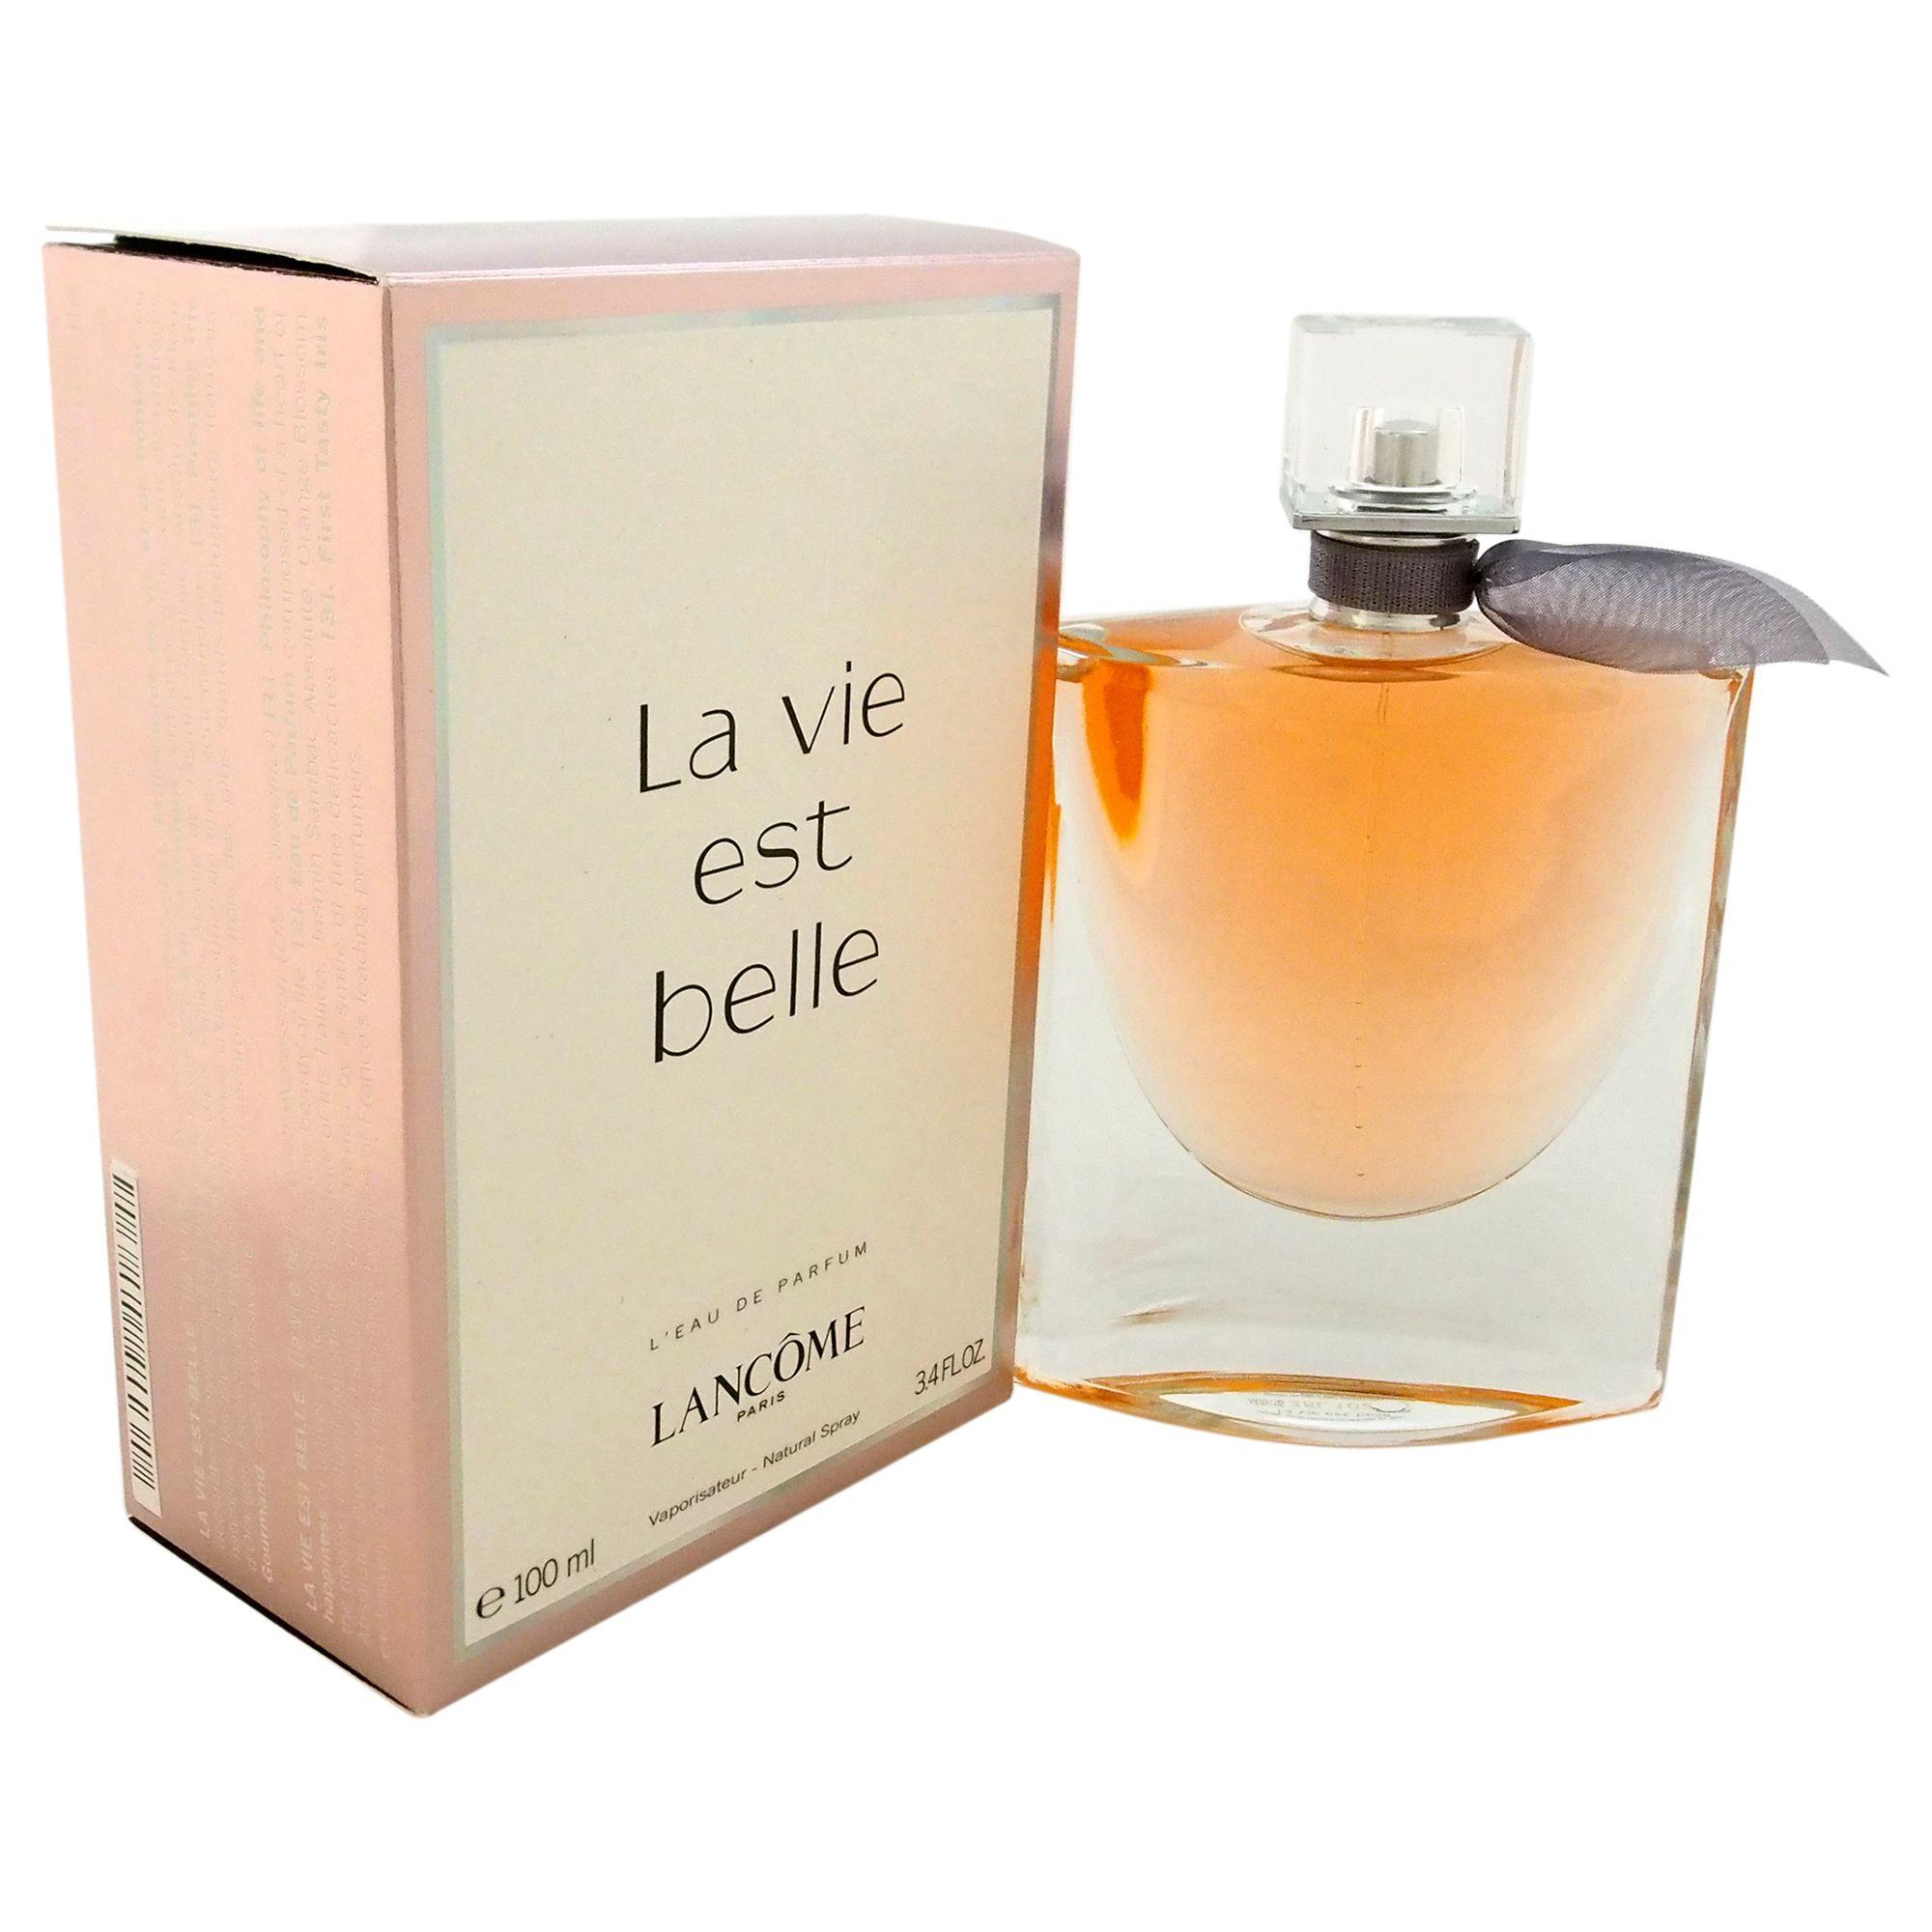 Shop La Vie Est Belle Gift Set By Lancome At Sephora This Set Contains Full And Travel Size Eau De Parfum With The Sce La Vie Est Belle Eau De Parfum Perfume